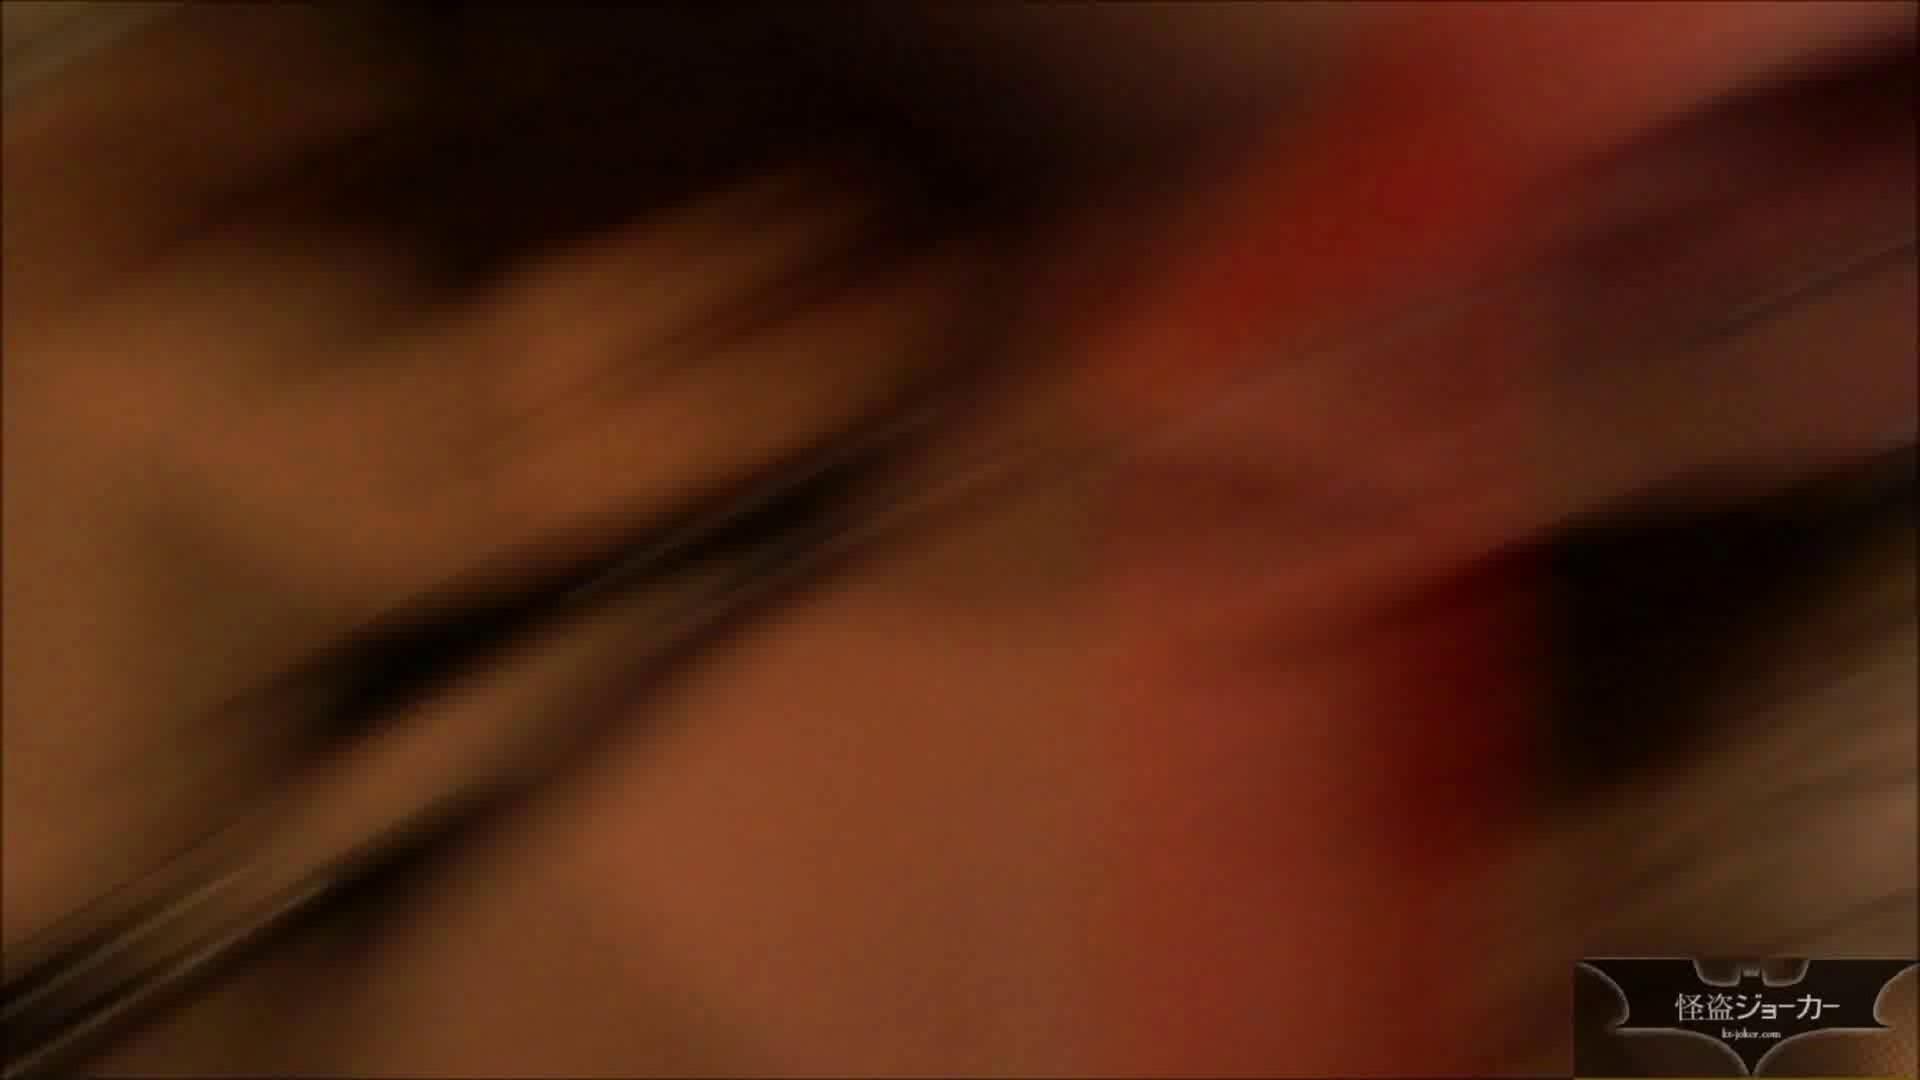 【未公開】vol.25 ユリナ、寝取られのアト。実はその前に・・・ 車の中 おめこ無修正画像 41画像 30